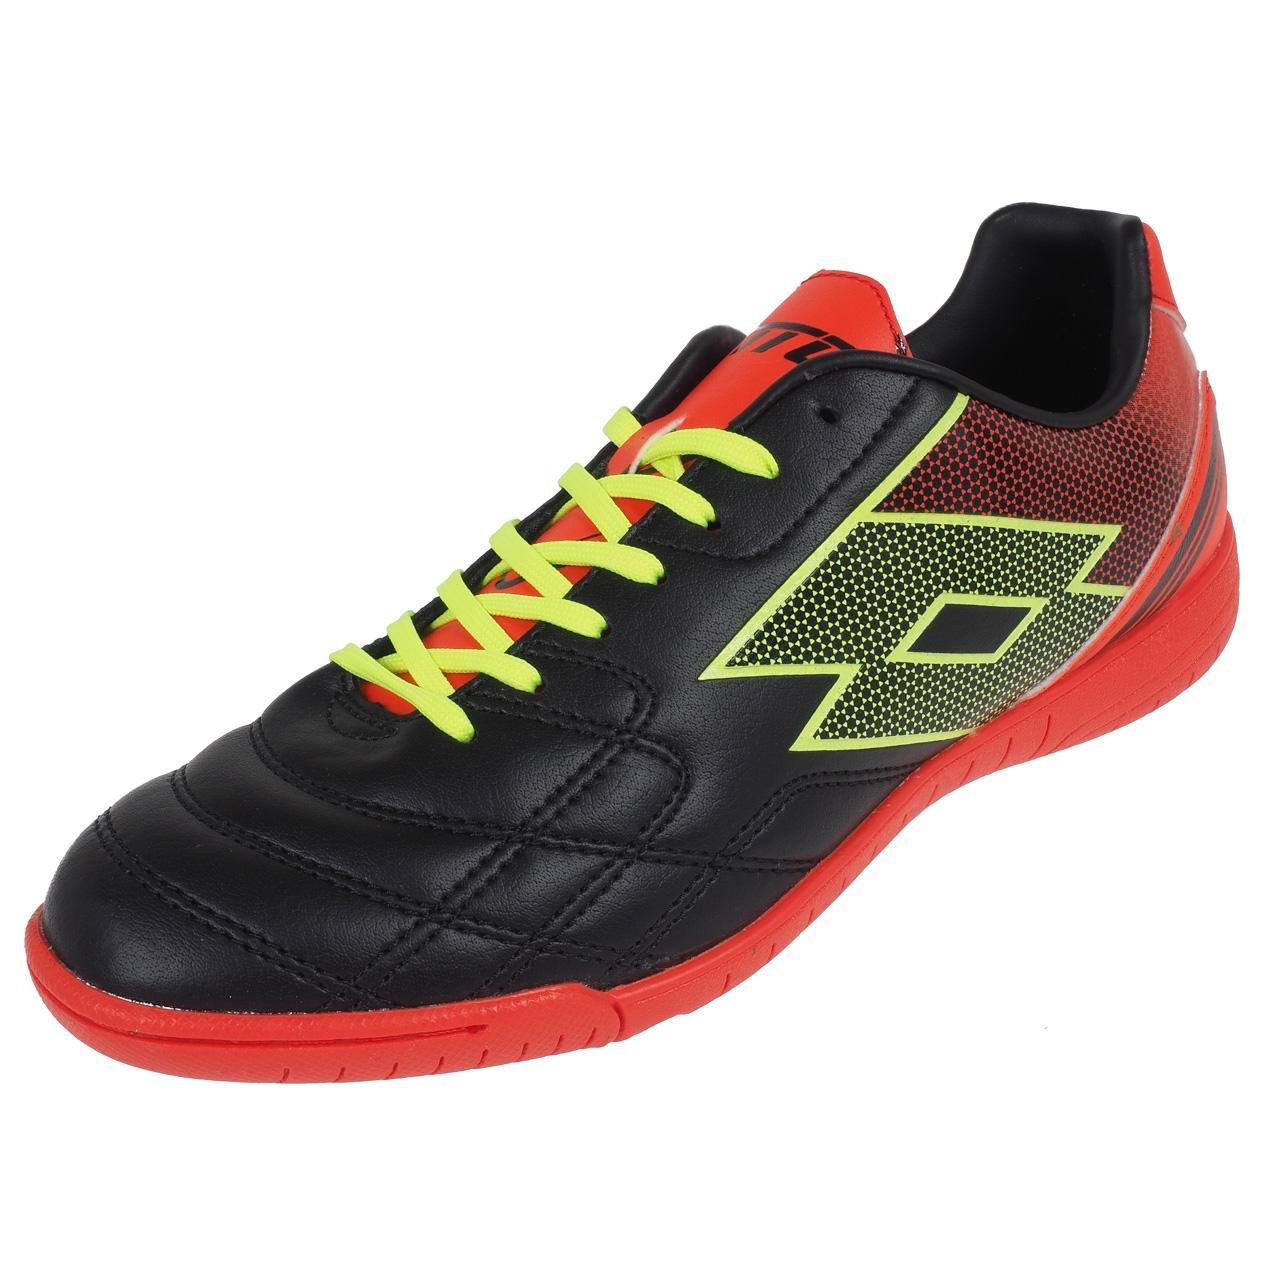 Lotto Spider XI id Indoor h - Chaussures Football en Salle Indoor